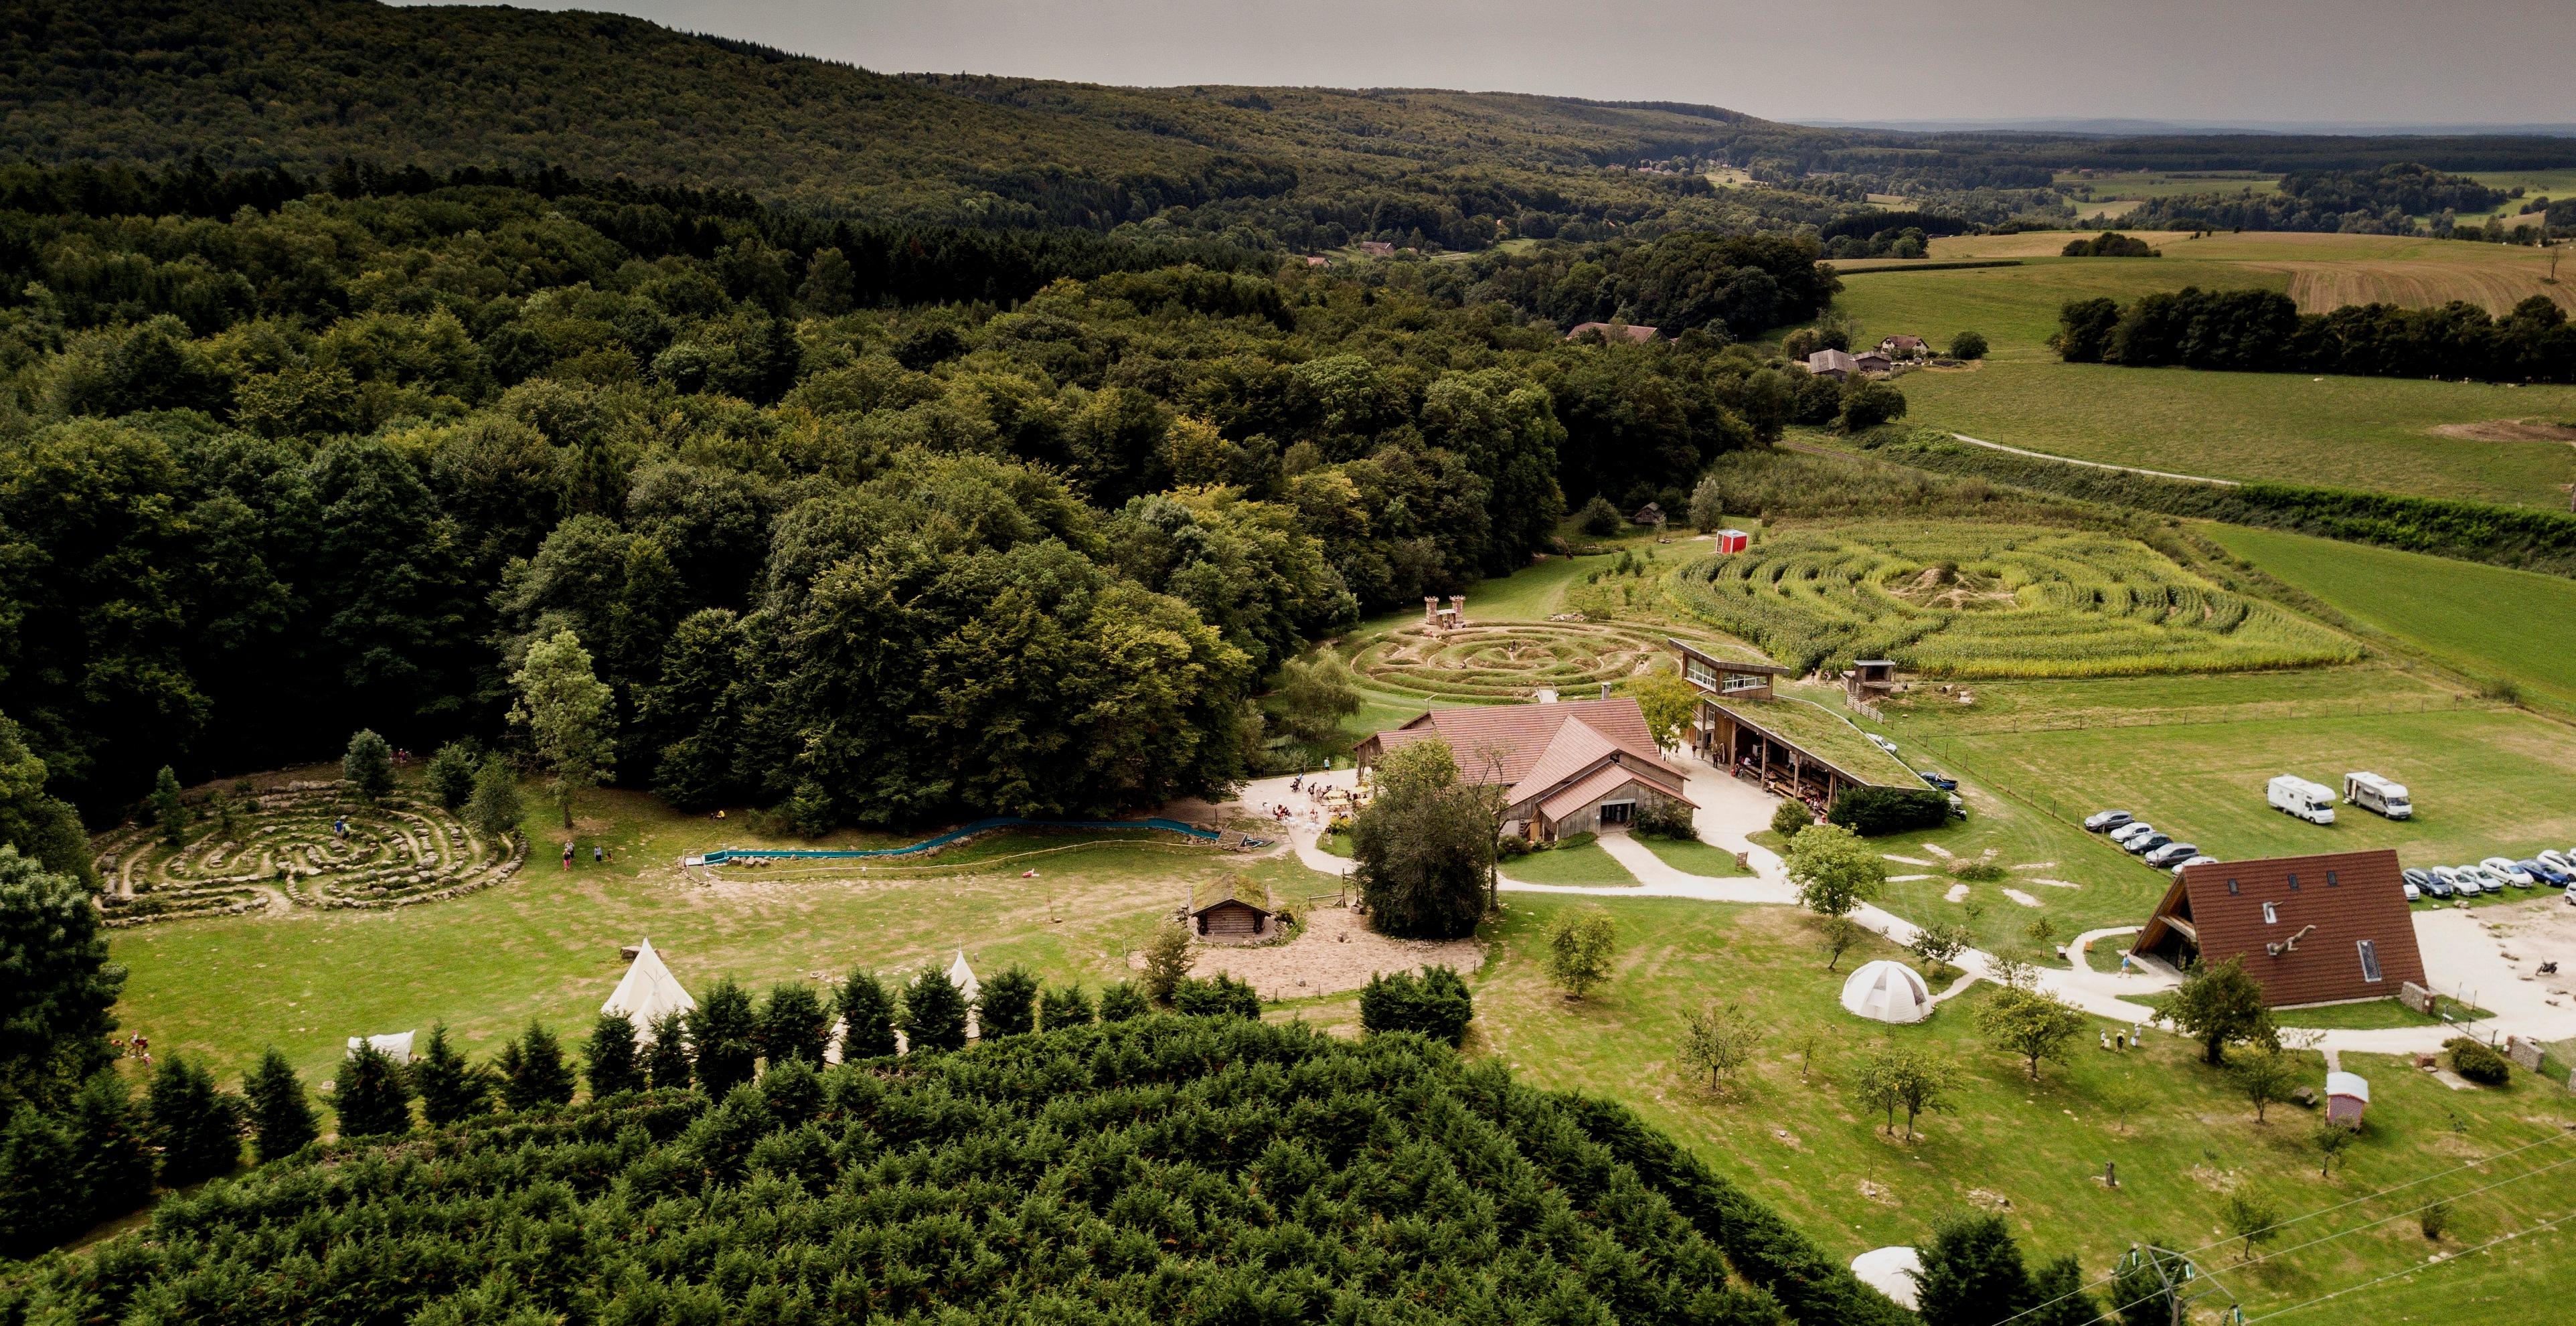 Außergewöhnliche Ferienanlage in Frankreich das La Ferme Aventure - Übernachtungen in einer Glaskuppel oder ähnlich außergewöhnliches